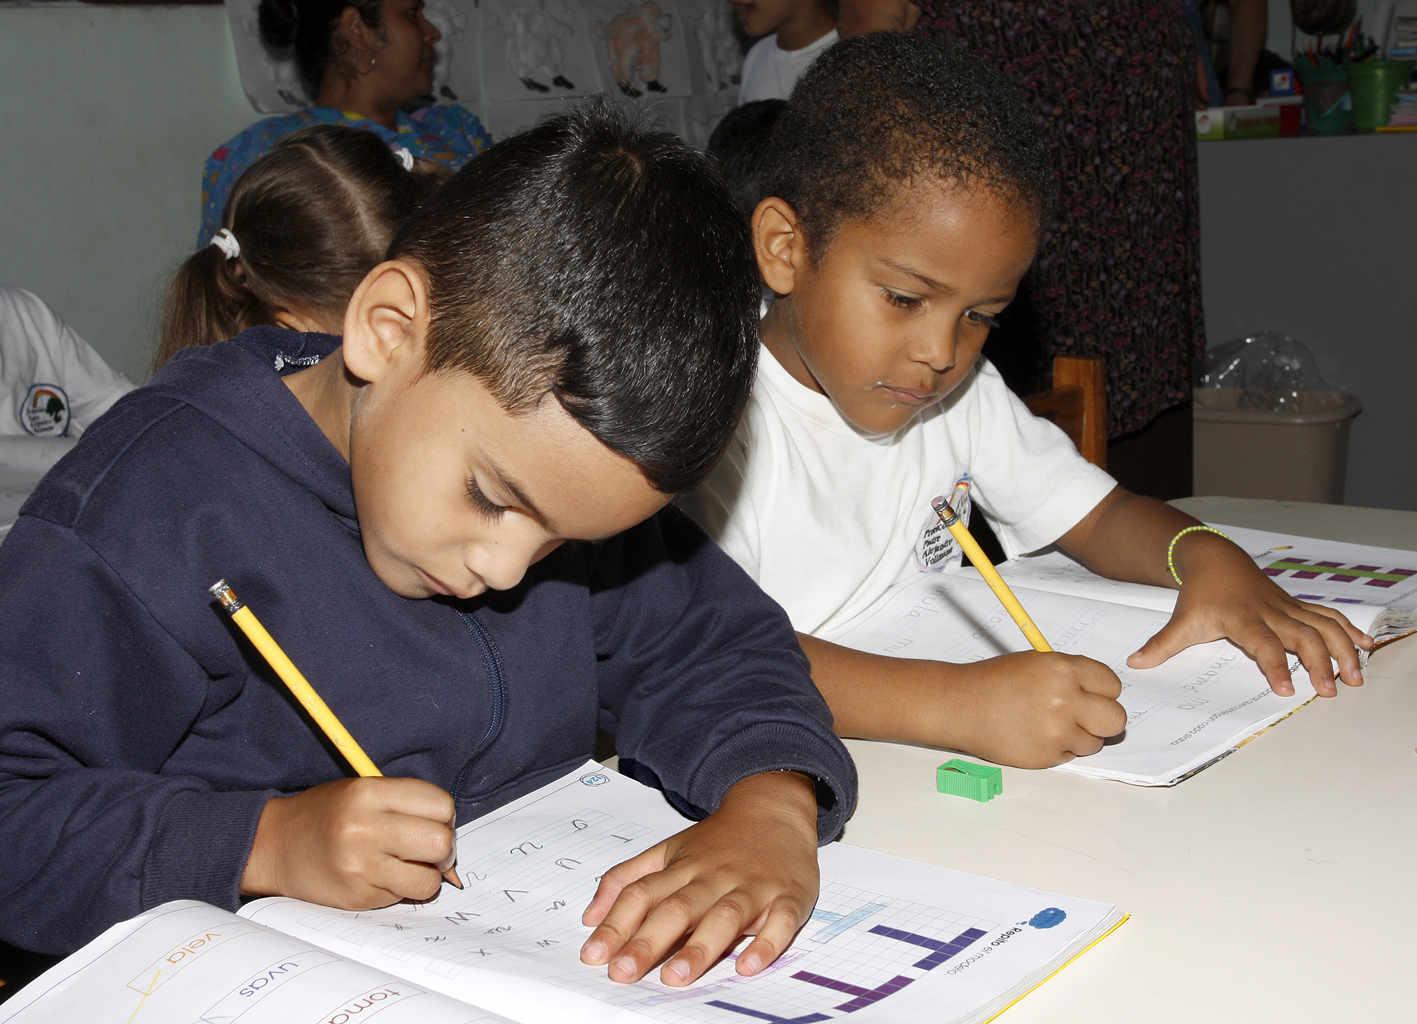 Kinder aus benachteiligten Familien in Carracas werden in der von uns unterstützen Einrichtung betreut